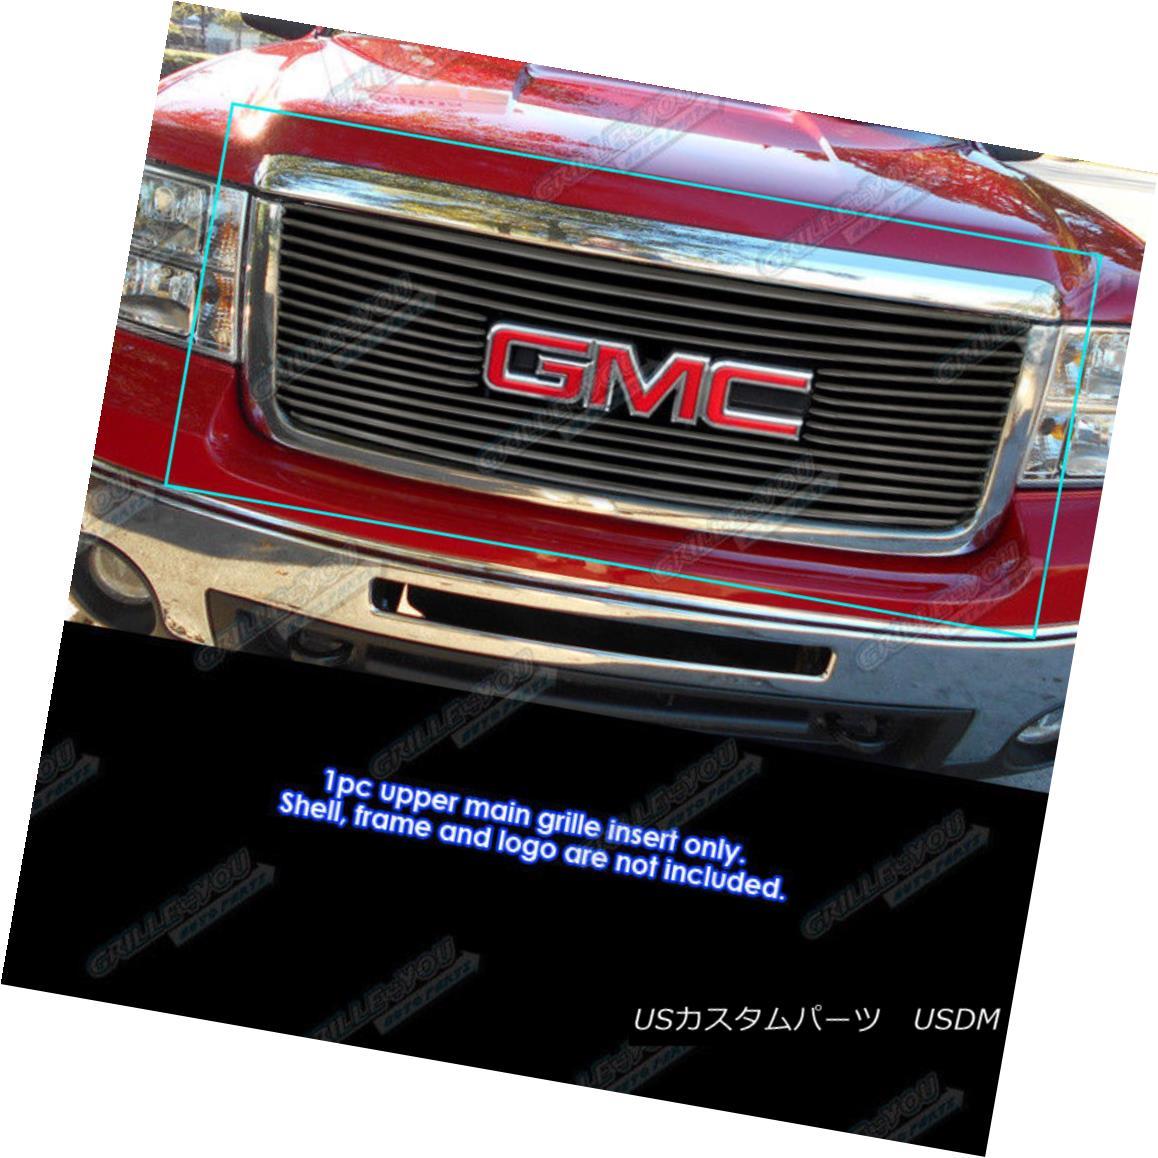 グリル Fits 2007-2013 GMC Sierra 1500 Black Tubular Grille Insert フィット2007-2013 GMC Sierra 1500ブラック管状グリルインサート